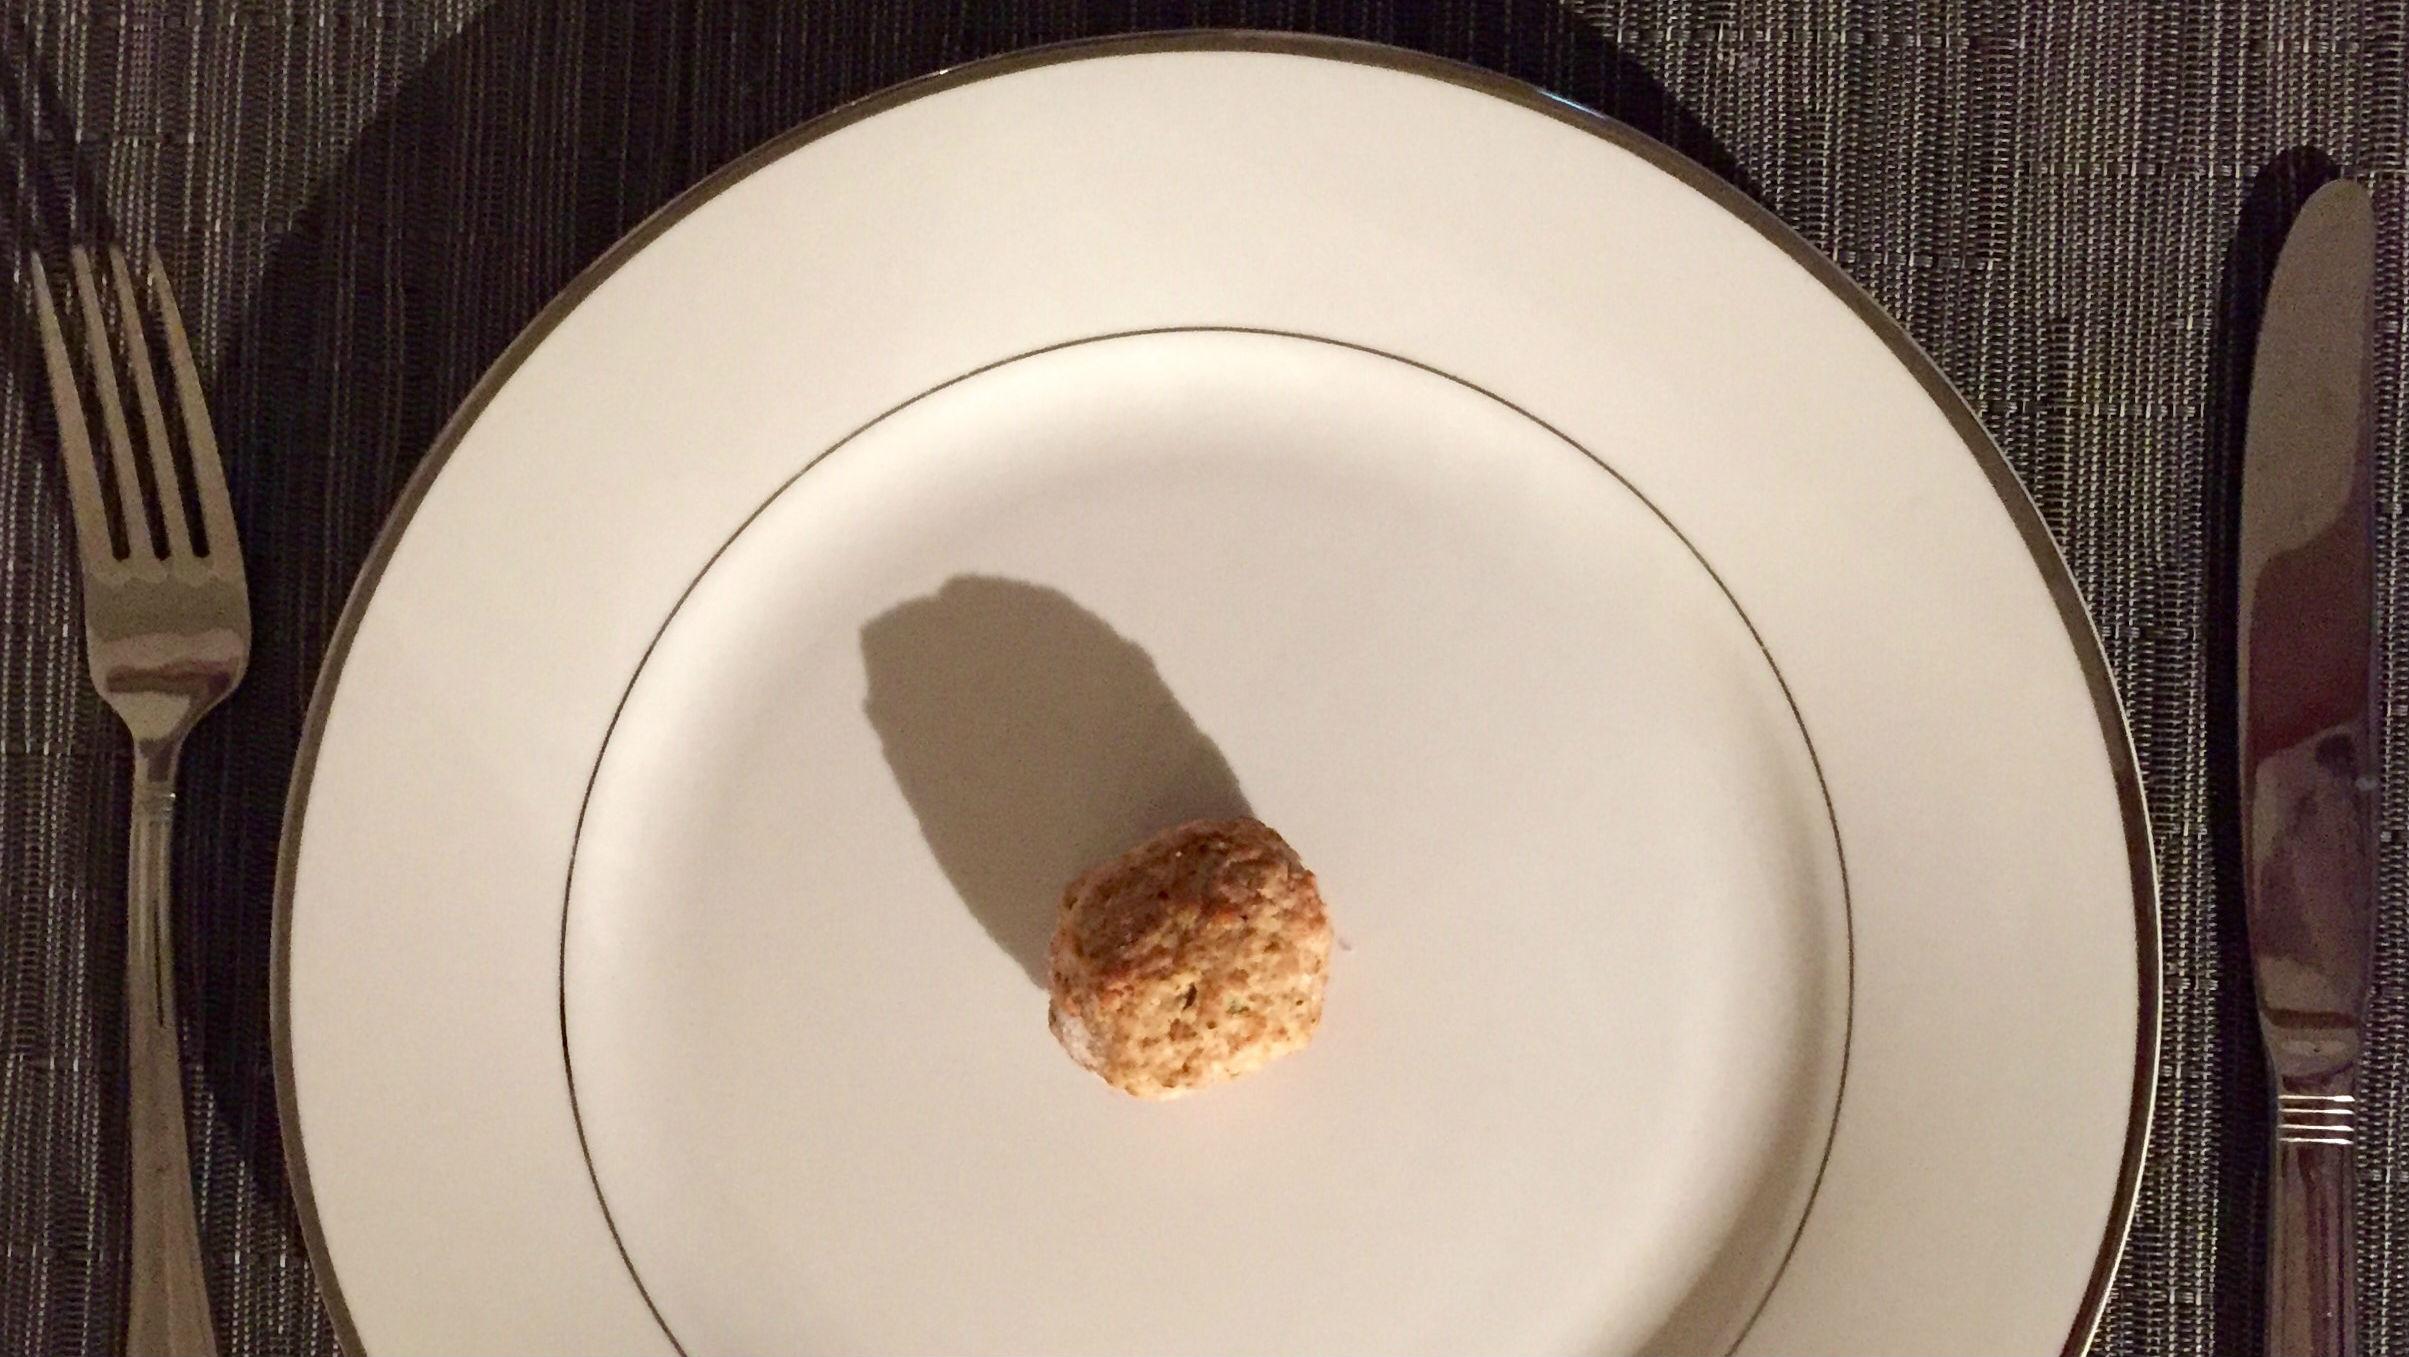 meatball on a plate.